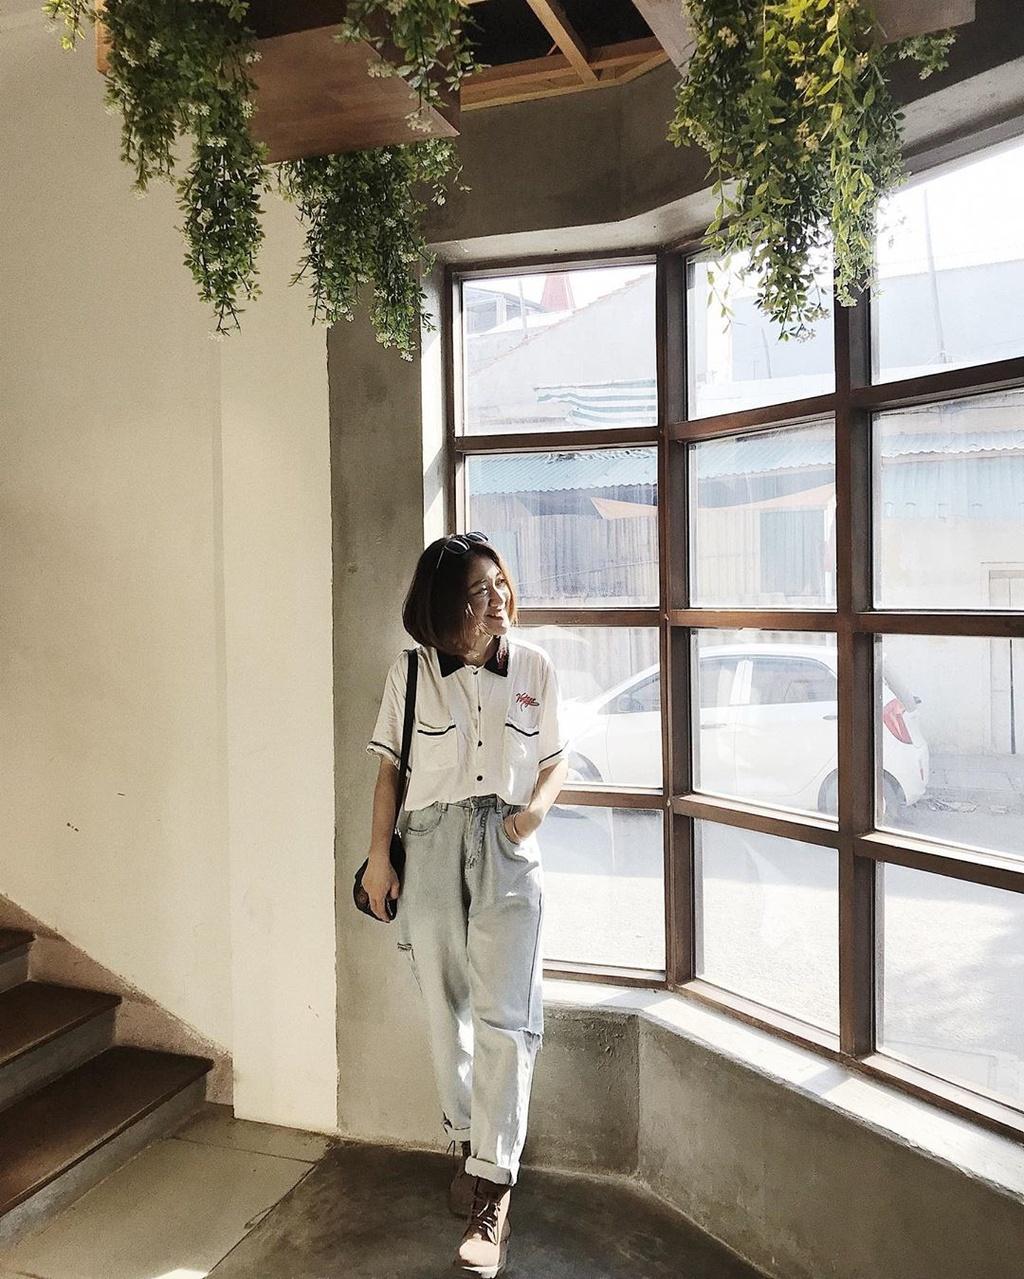 Atena Bakery & Cafe: Quán cà phê kết hợp tiệm bánh nhỏ xinh xắn là điểm đến mà bạn có thể lưu lại cho chuyến đi Quảng Bình. Tiệm cà phê nằm ở vị trí dễ tìm, trang trí theo phong cách sang trọng, kết hợp nét kiến trúc Á - Âu với cửa kính rộng, cây xanh và bàn ghế gỗ. Không gian thoáng mát, riêng tư phù hợp cho các cuộc gặp gỡ, hẹn hò của bạn. Ảnh: Nininana225, atenabakery.